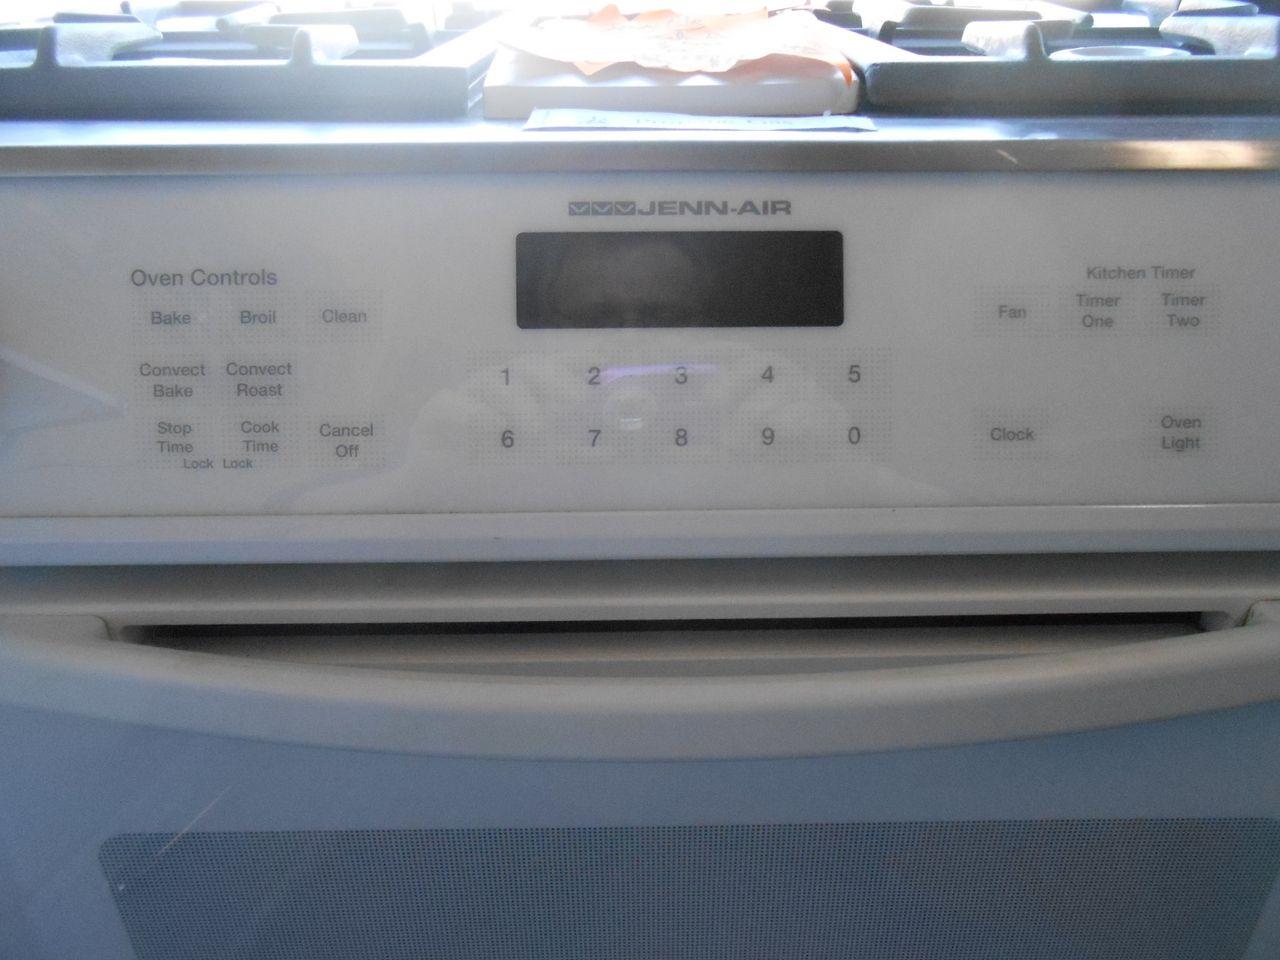 kitchenaid gas oven won't ignite